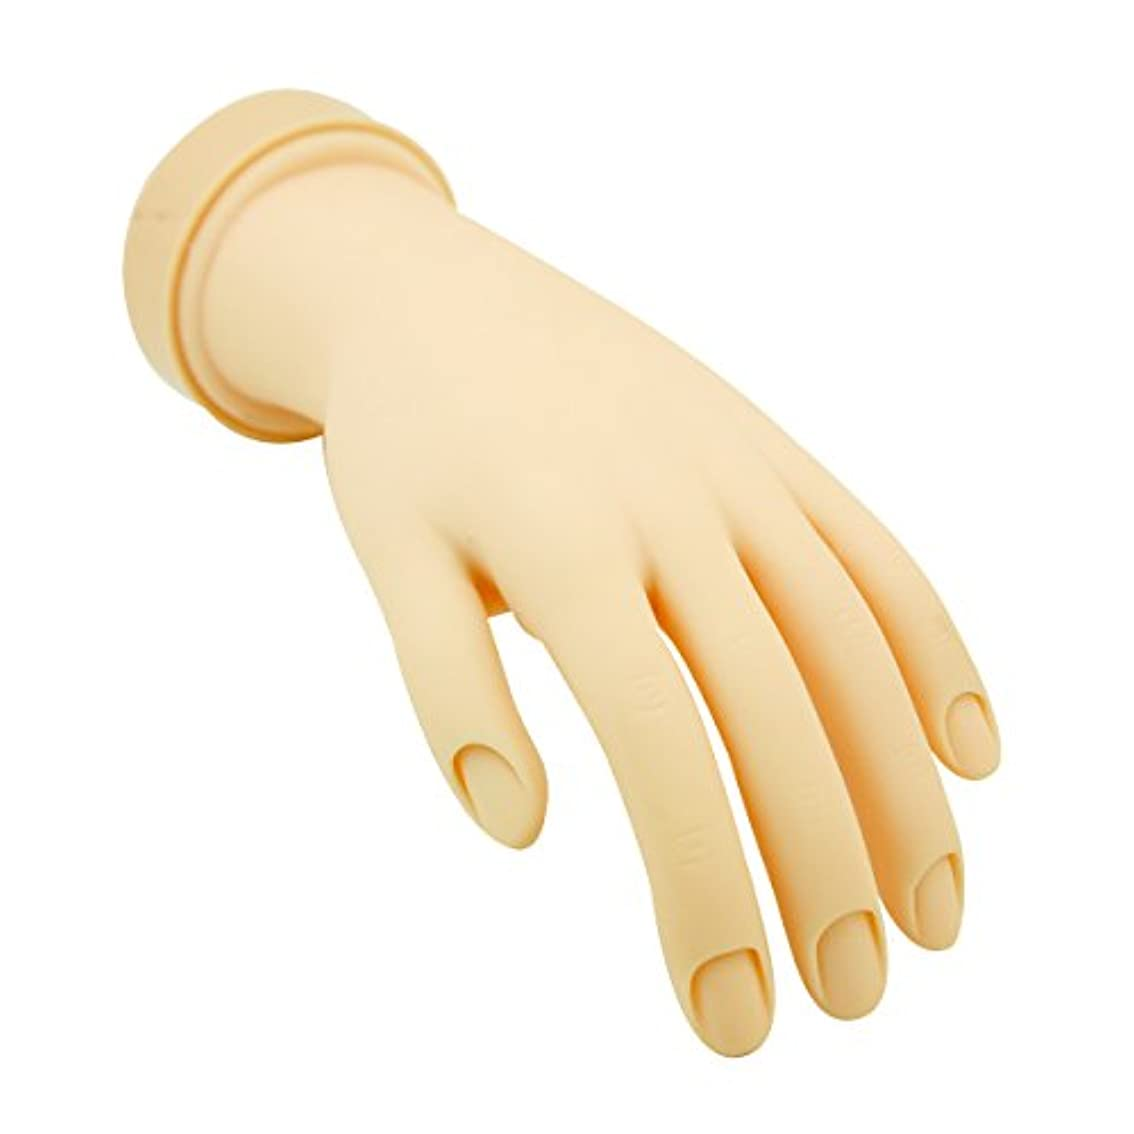 ギャラリー倫理的ばかげているトレーニングハンド (ネイル用) 左手 [ 練習用マネキン 手 指 ハンドマネキン マネキン 施術用 トレーニング ]